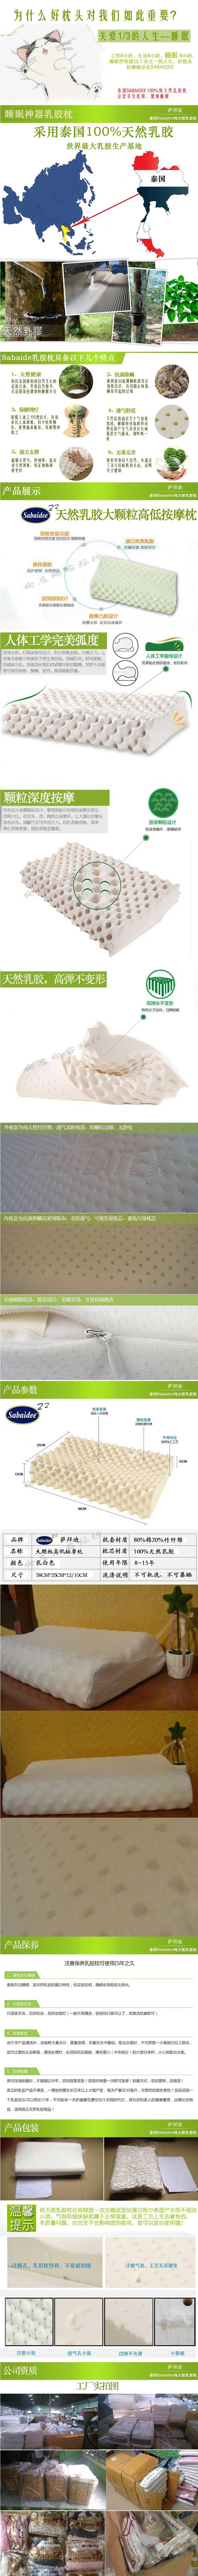 萨拜迪泰国保健枕 按摩助眠枕 纯天然乳胶枕图片一